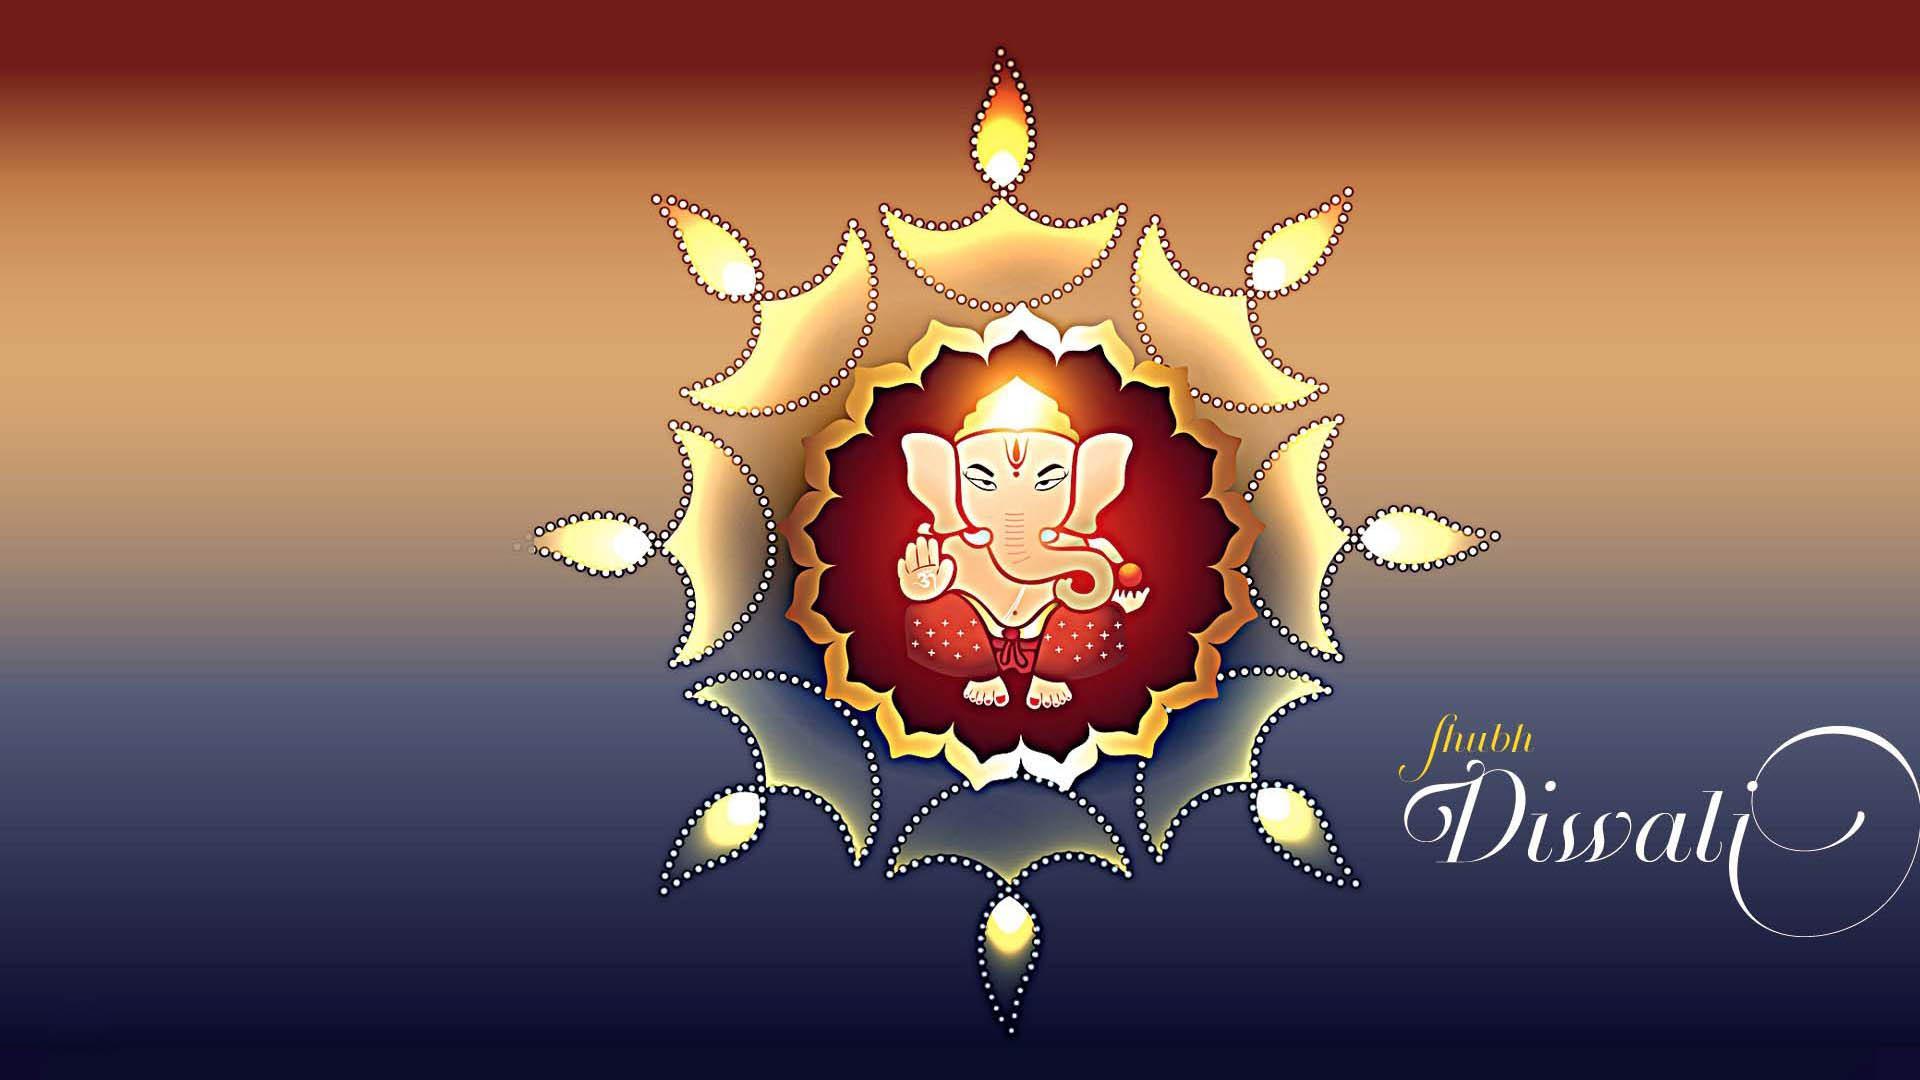 Happy Diwali Abstract Art Lord Ganesha